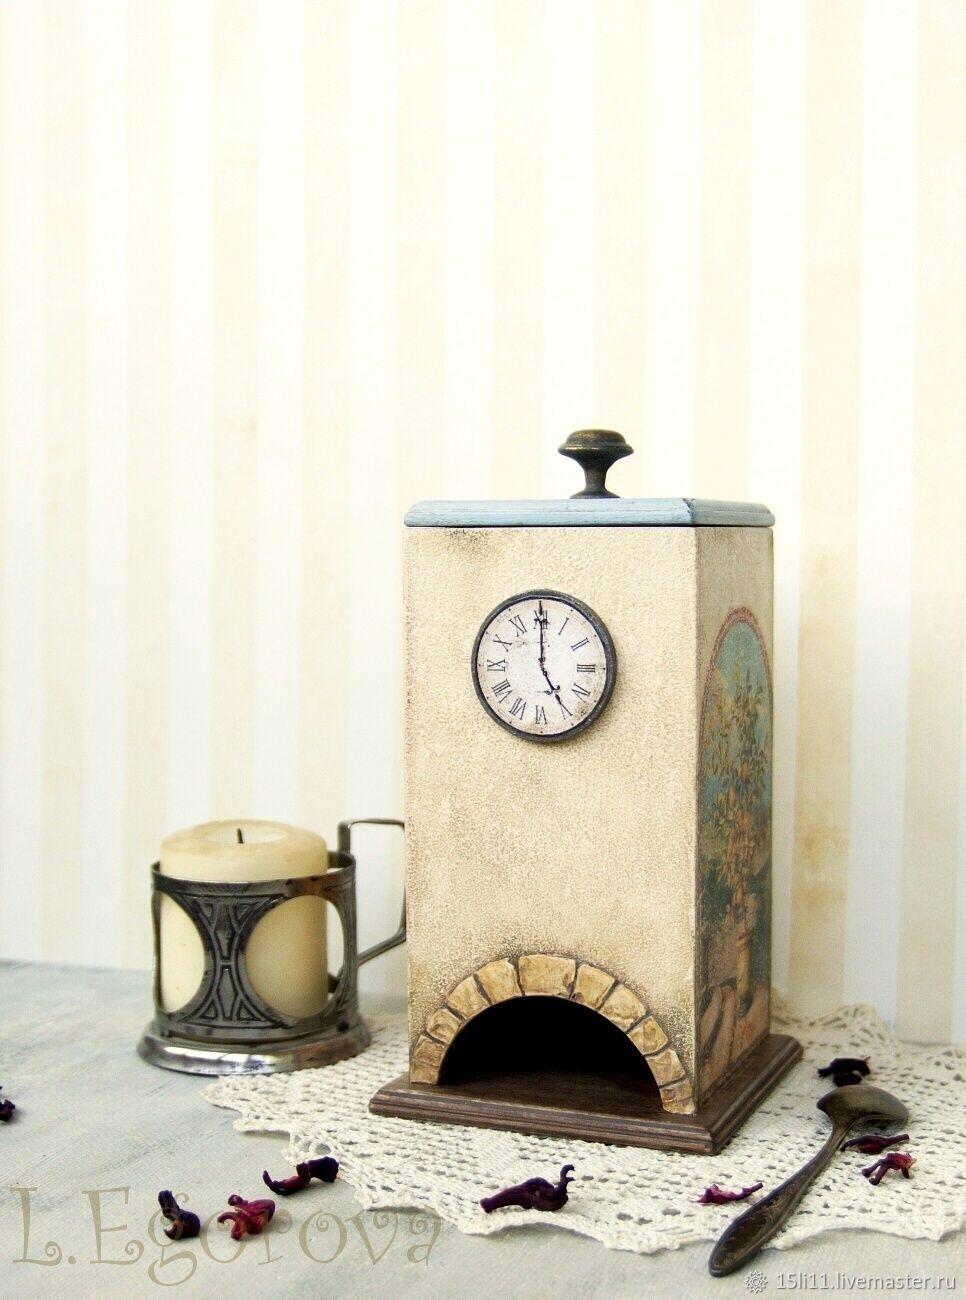 """Чайный домик """"Старый город"""", Домики, Санкт-Петербург,  Фото №1"""